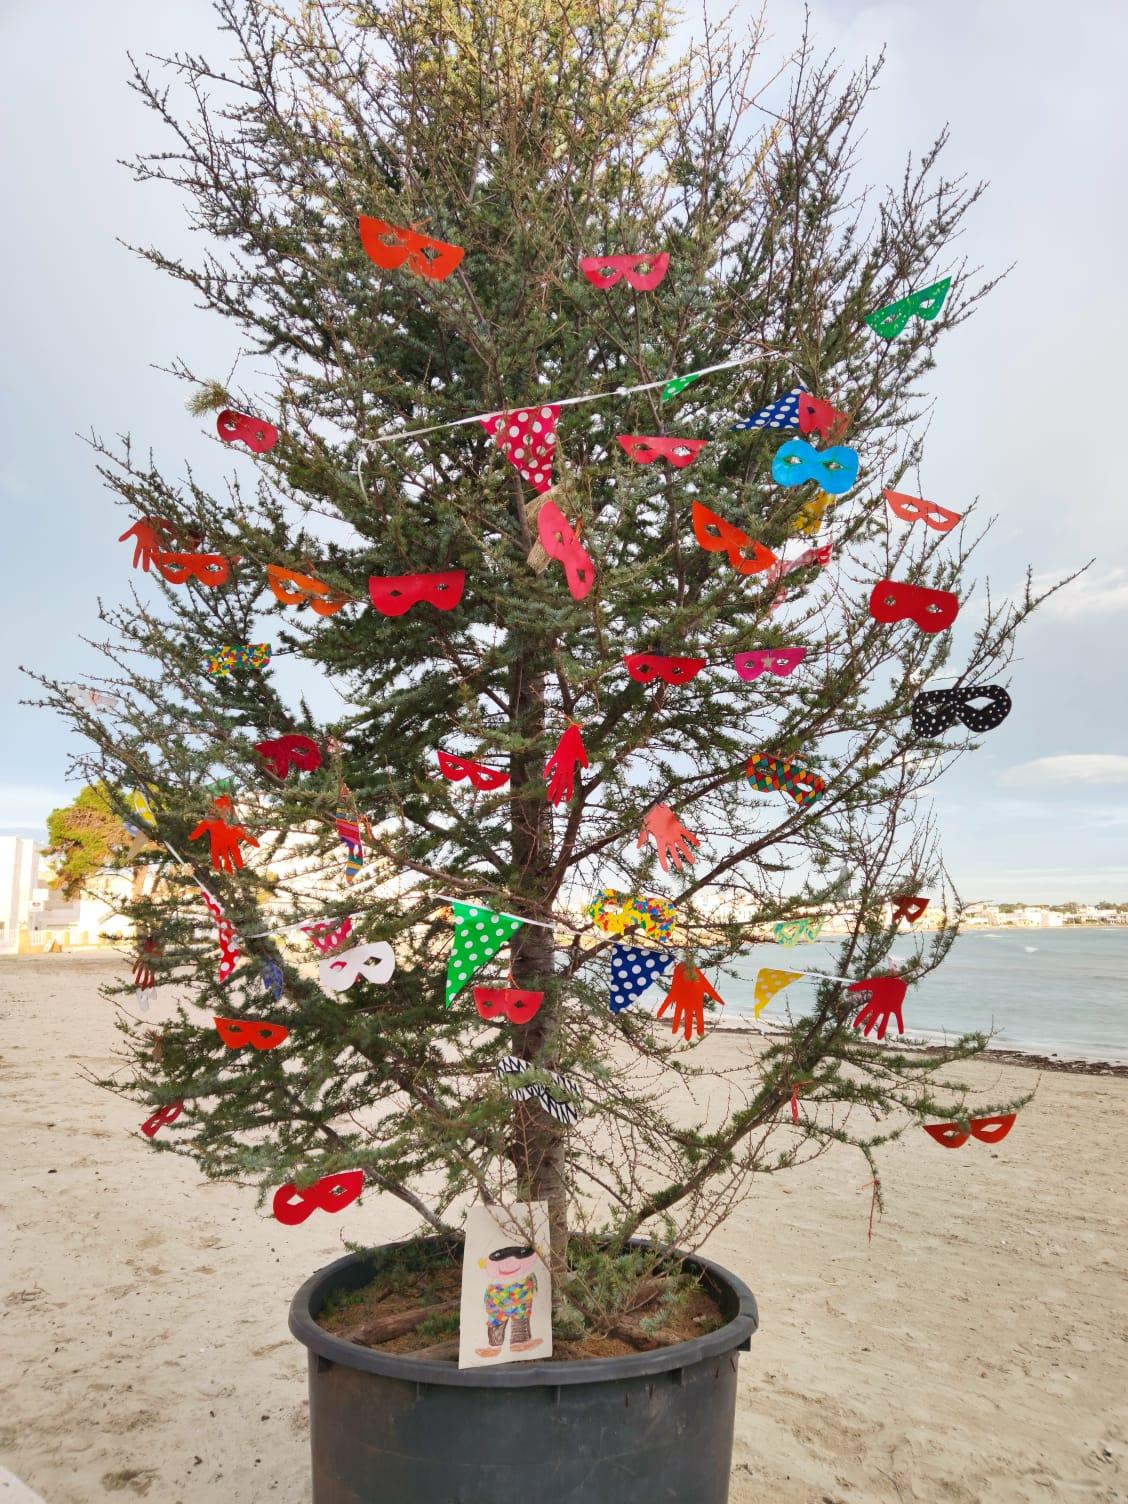 L'Albero di Carnevale in riva al mare. Per la gioia dei più piccoli